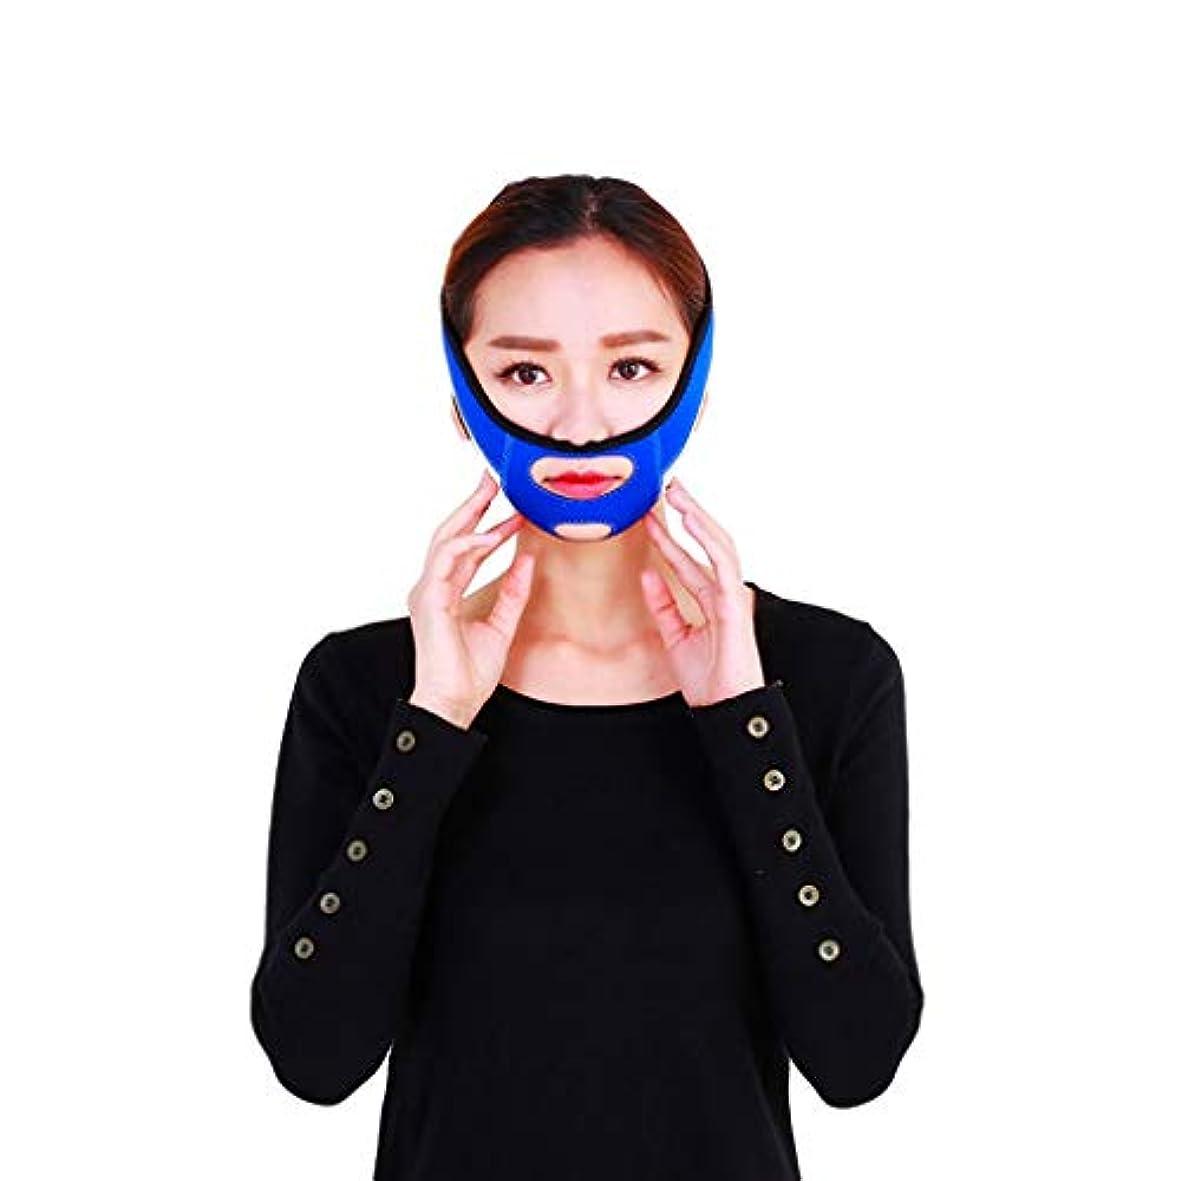 結び目レビュー悪因子滑り止め弾性ストレッチ包帯を強化するために口を調整する顔の顔のマスク